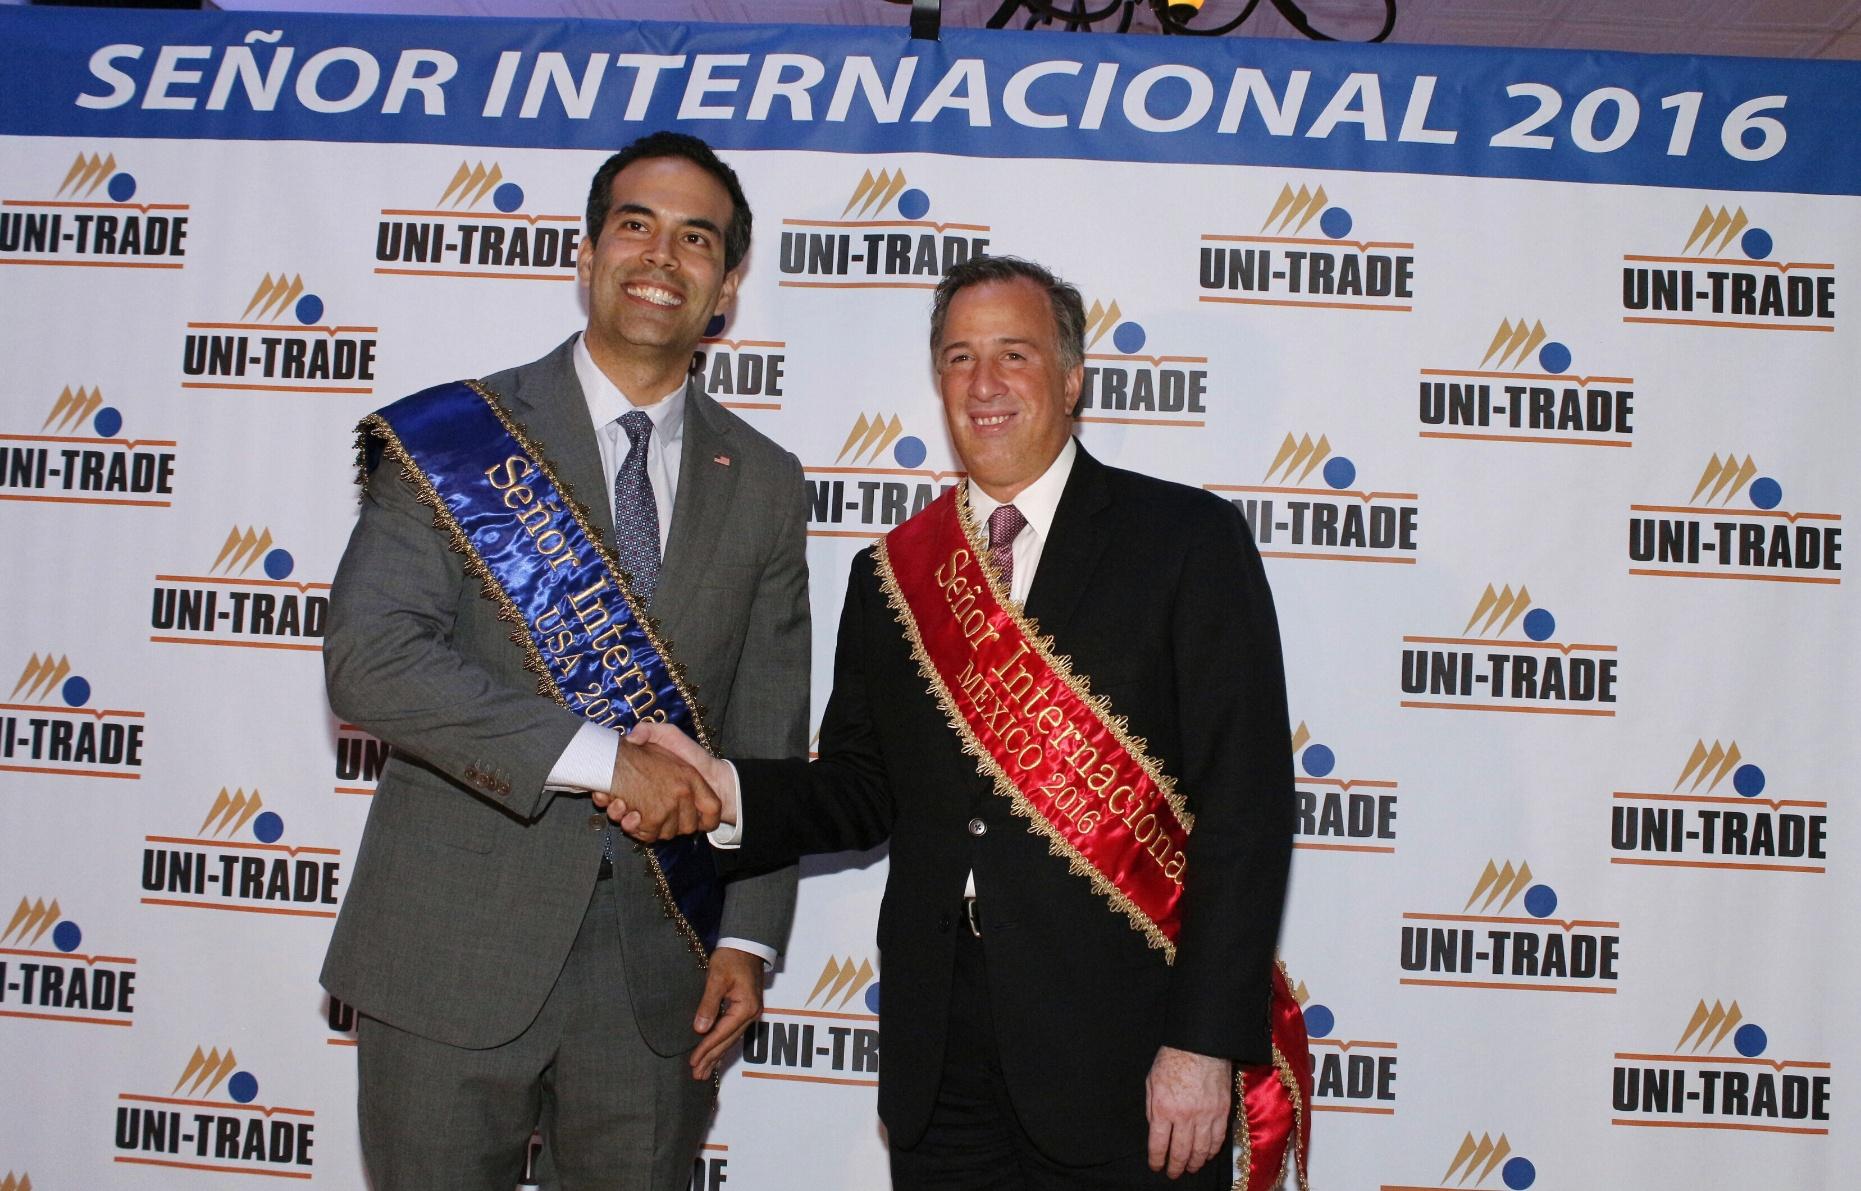 Recibe el secretario Meade en Laredo, Texas, reconocimiento Señor Internacional 2016